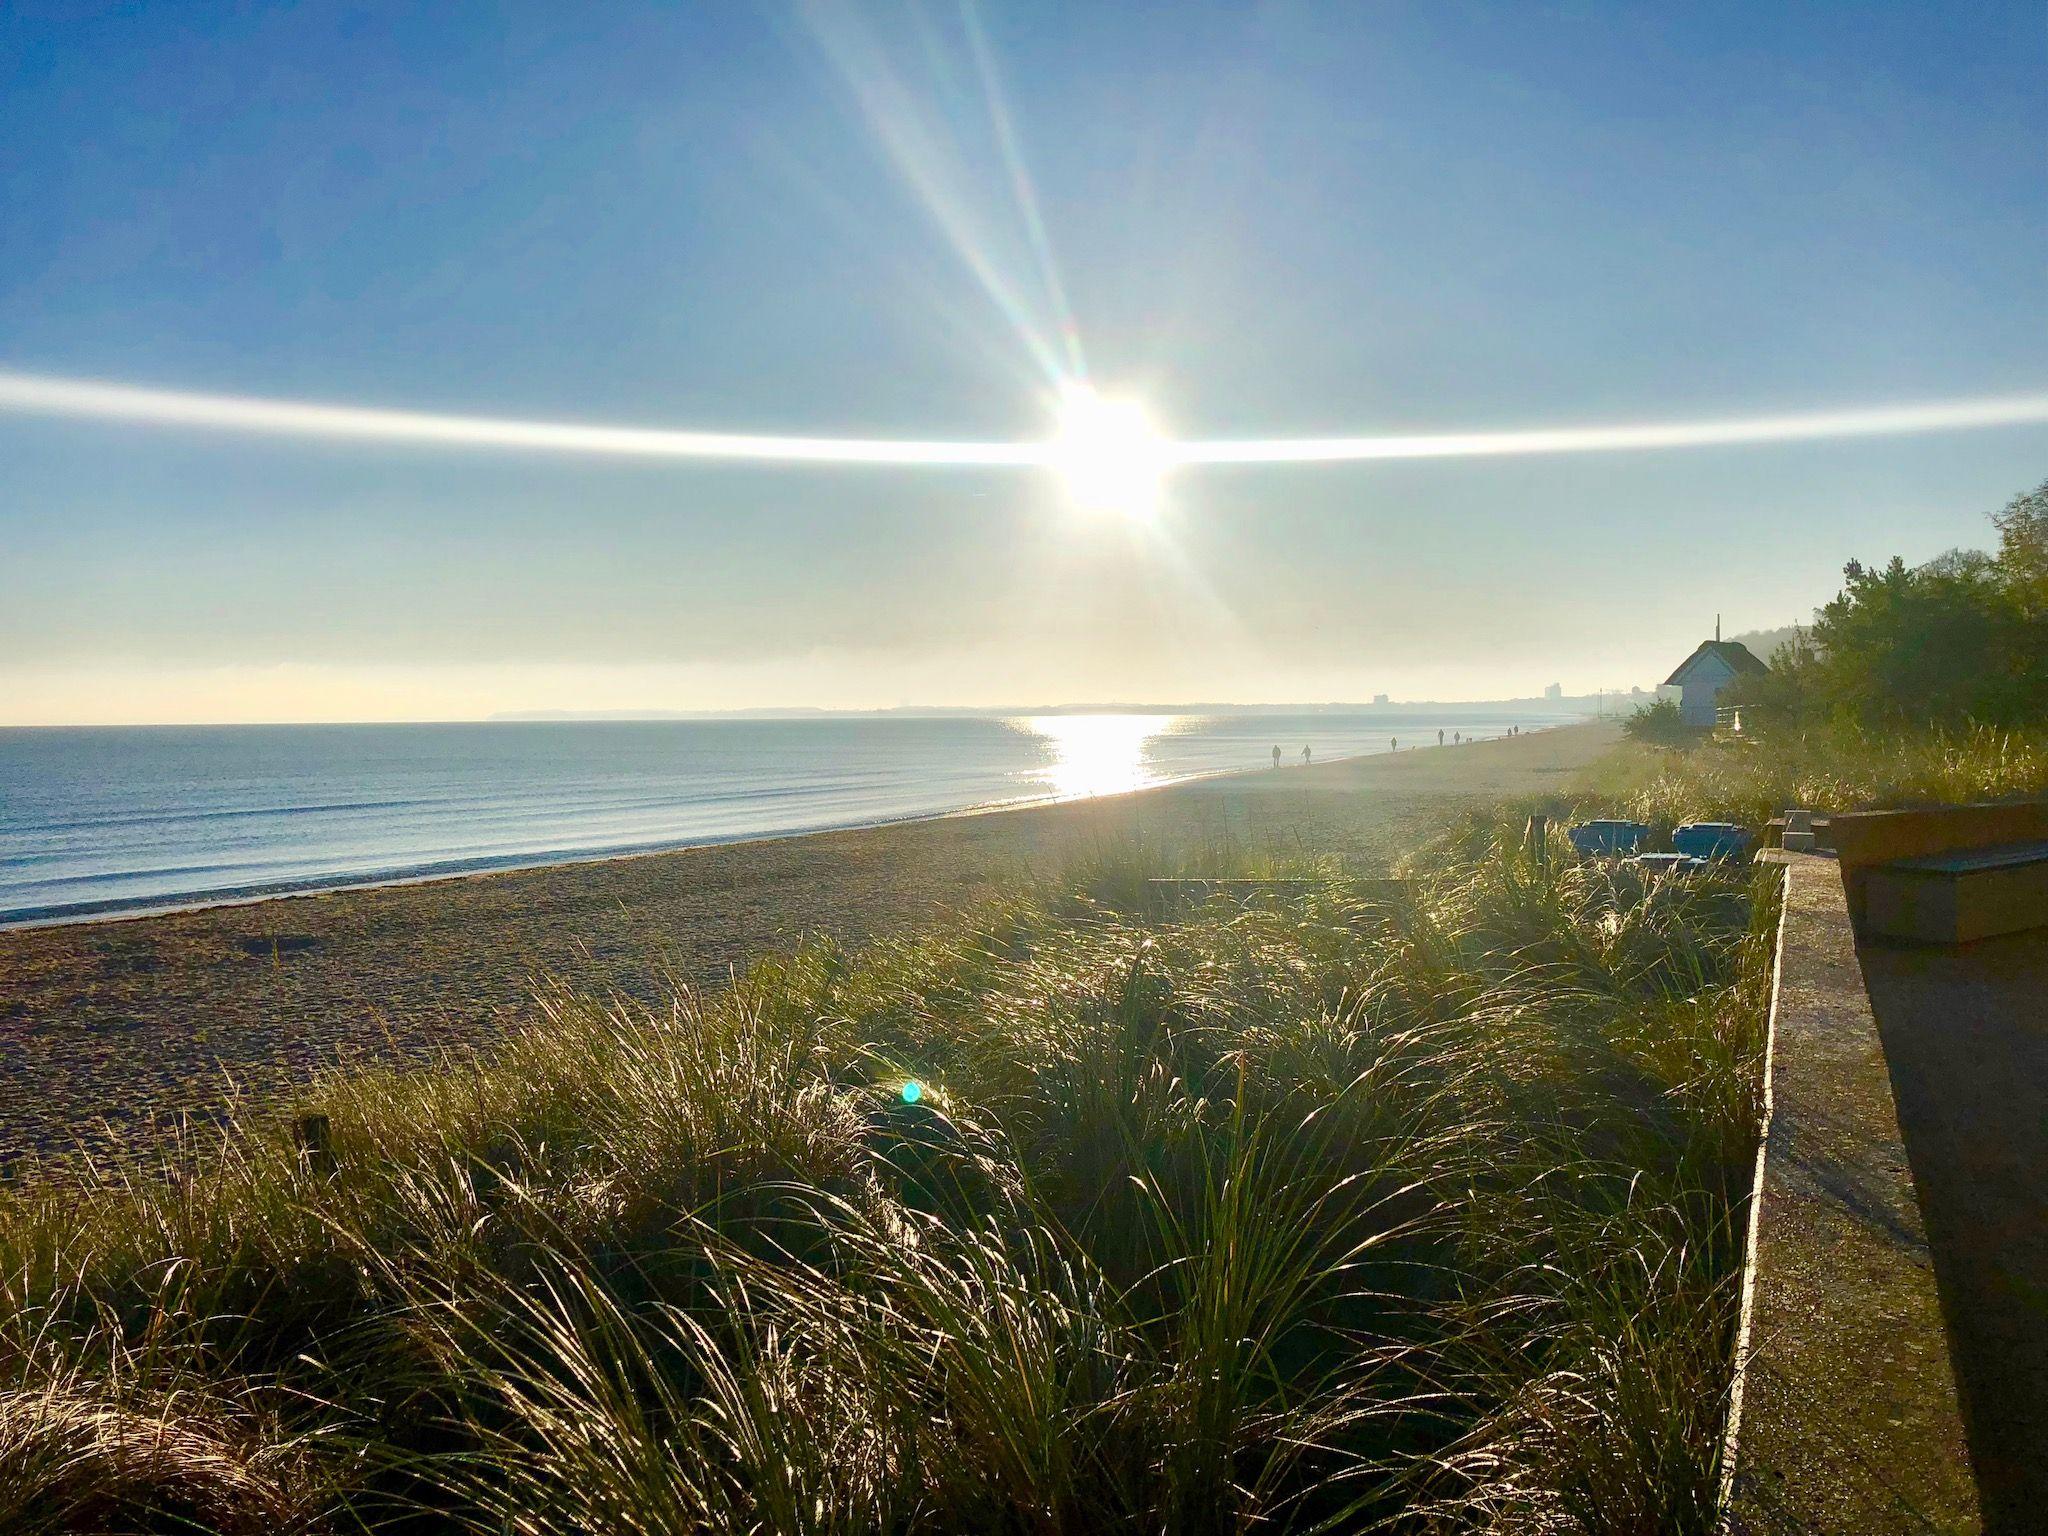 Ostsee-Urlaub-im-Herbst-reise-winter-sch